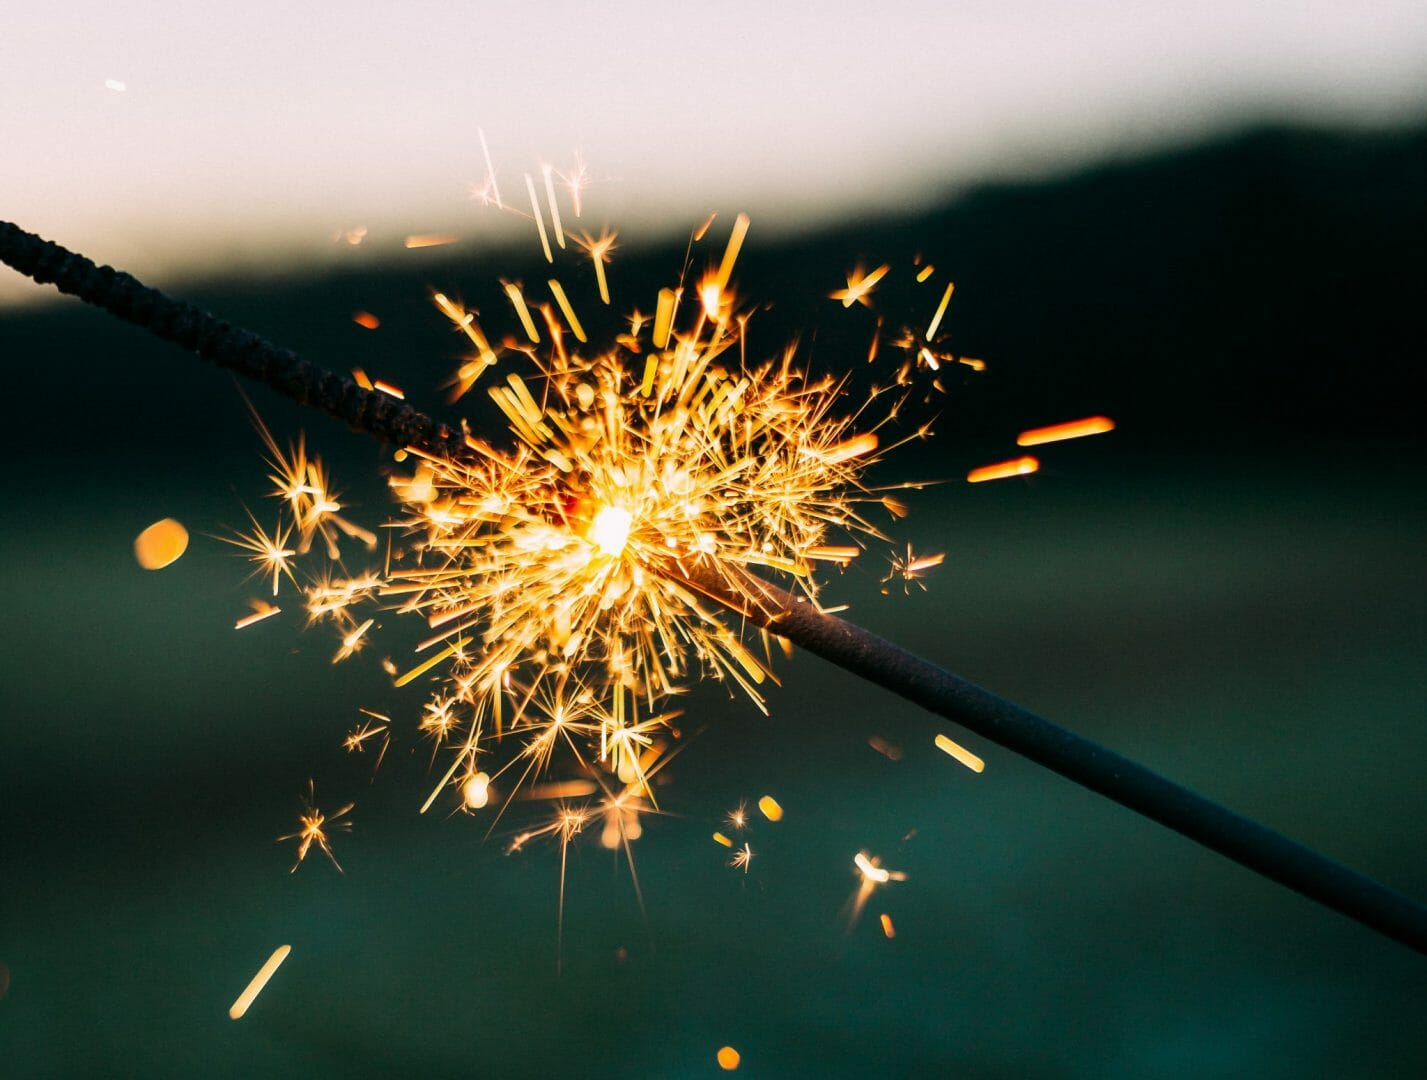 Lit sparkler (bokeh effect)